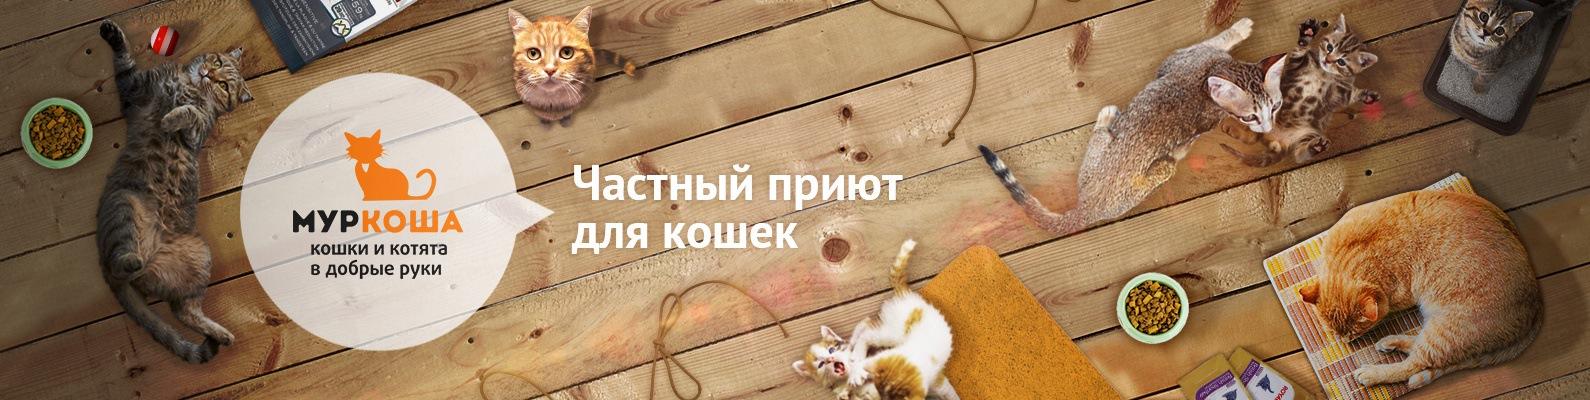 стихотворений для кошки а добрые руки зимние шины